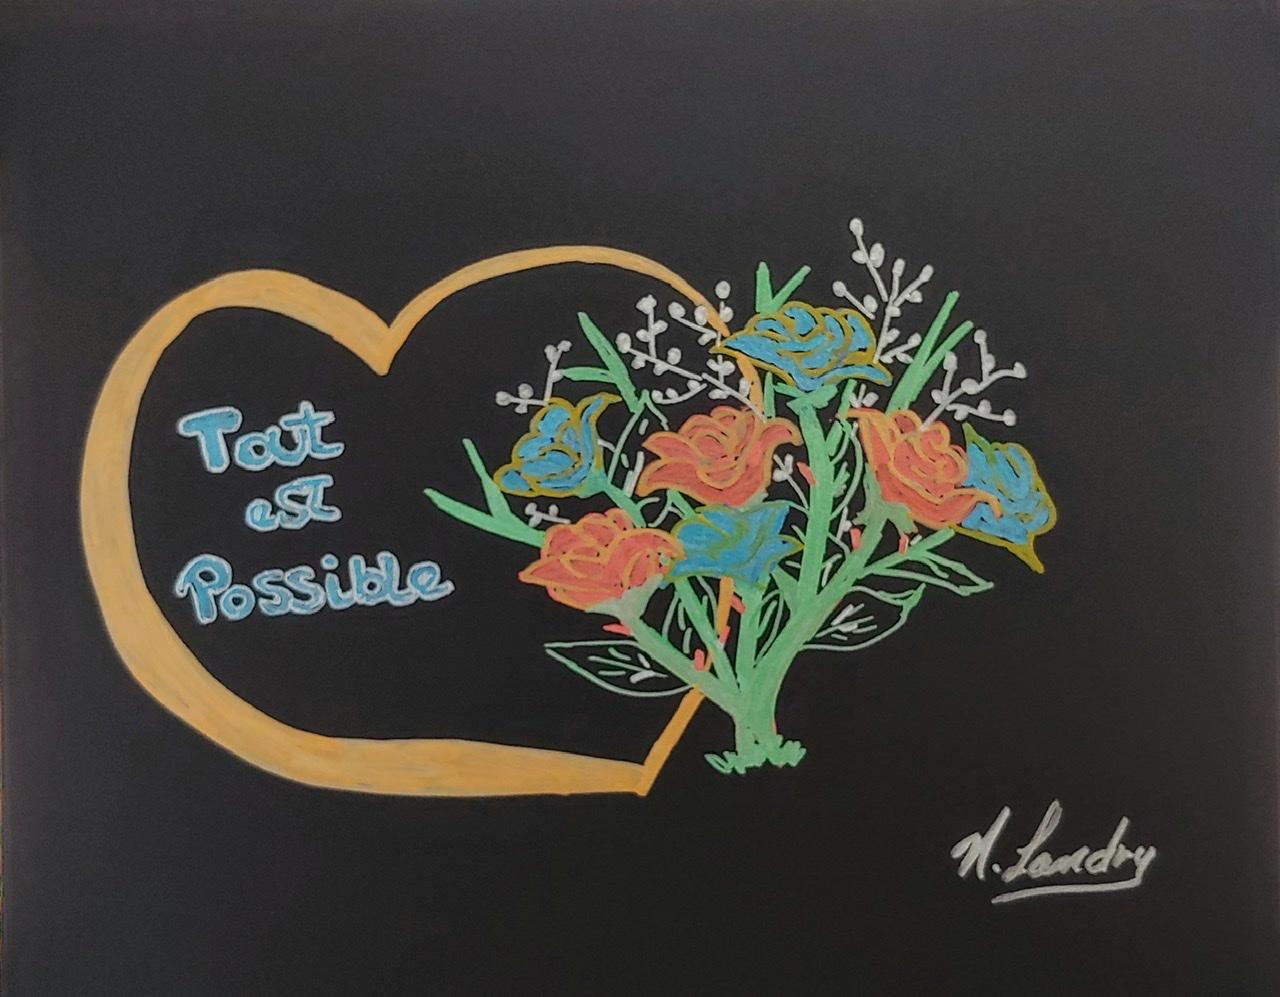 """<span style=""""color: #ff0000;""""><a style=""""color: #ff0000;"""" href=""""mailto:nathalielandry7@gmail.com?subject=Défi 15 dessins 15 semaines - Je t'offre des fleurs""""> Contacter l'artiste</a></span> Nathalie Landry - Je t'offre des fleurs - 35$  (transaction directement avec l'artiste) - feutre métallique sur papier noir Fabriano, 8 x 10 po encadré"""